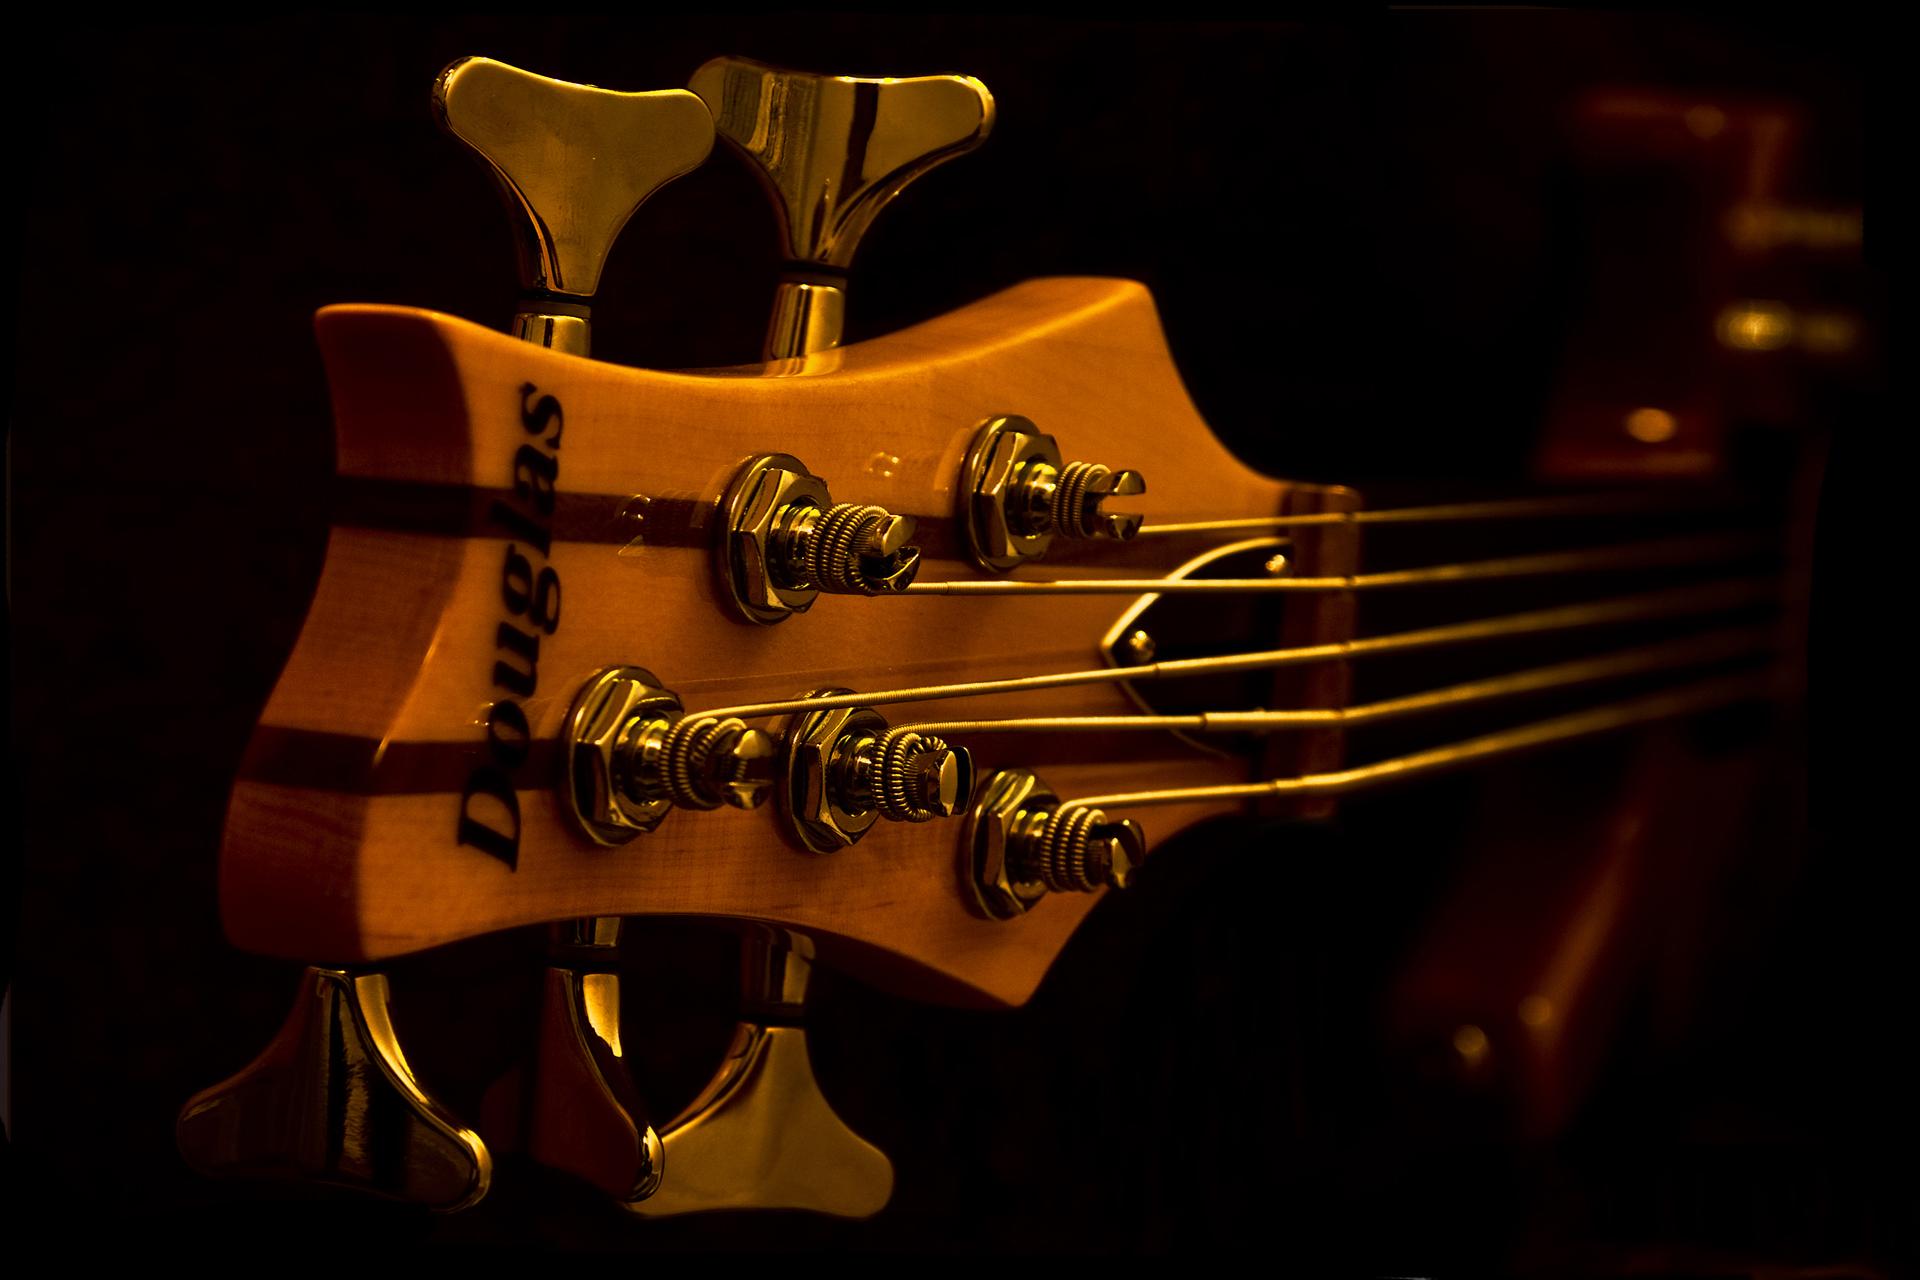 Регулировка бас-гитары - проблемы